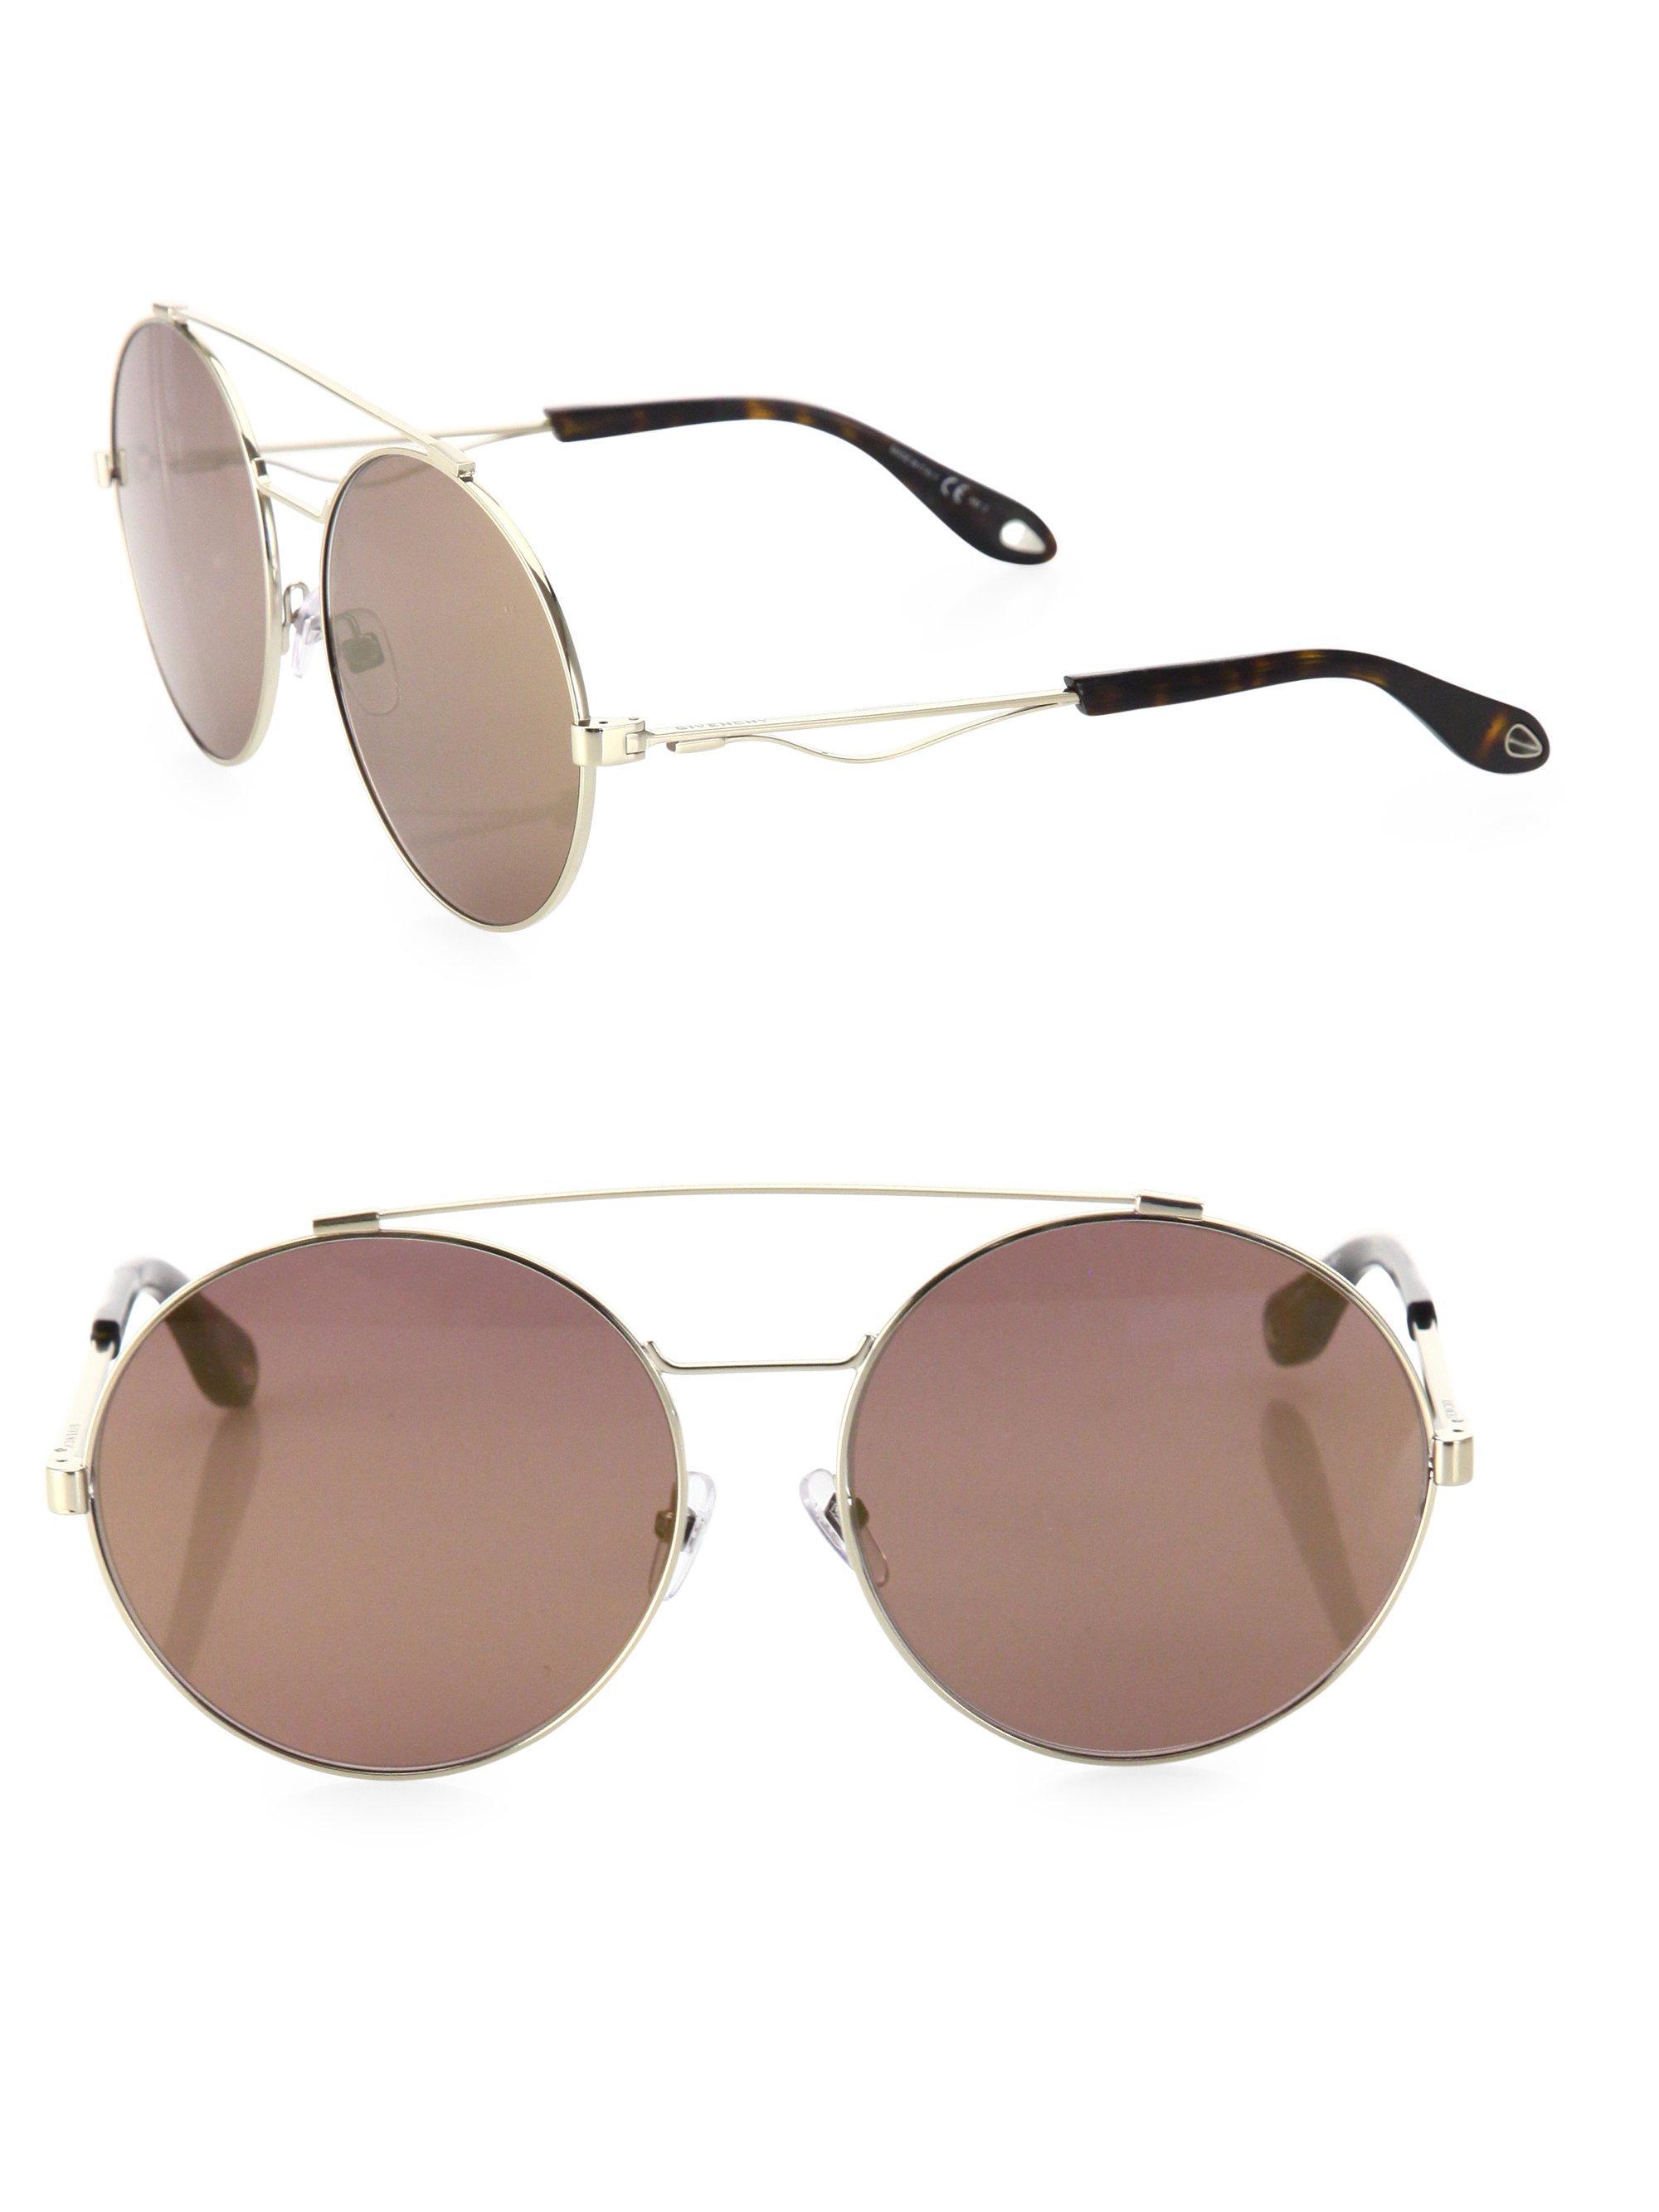 c38e480da3 Givenchy Women s 53mm Round Double-bridge Sunglasses - Light Gold in ...